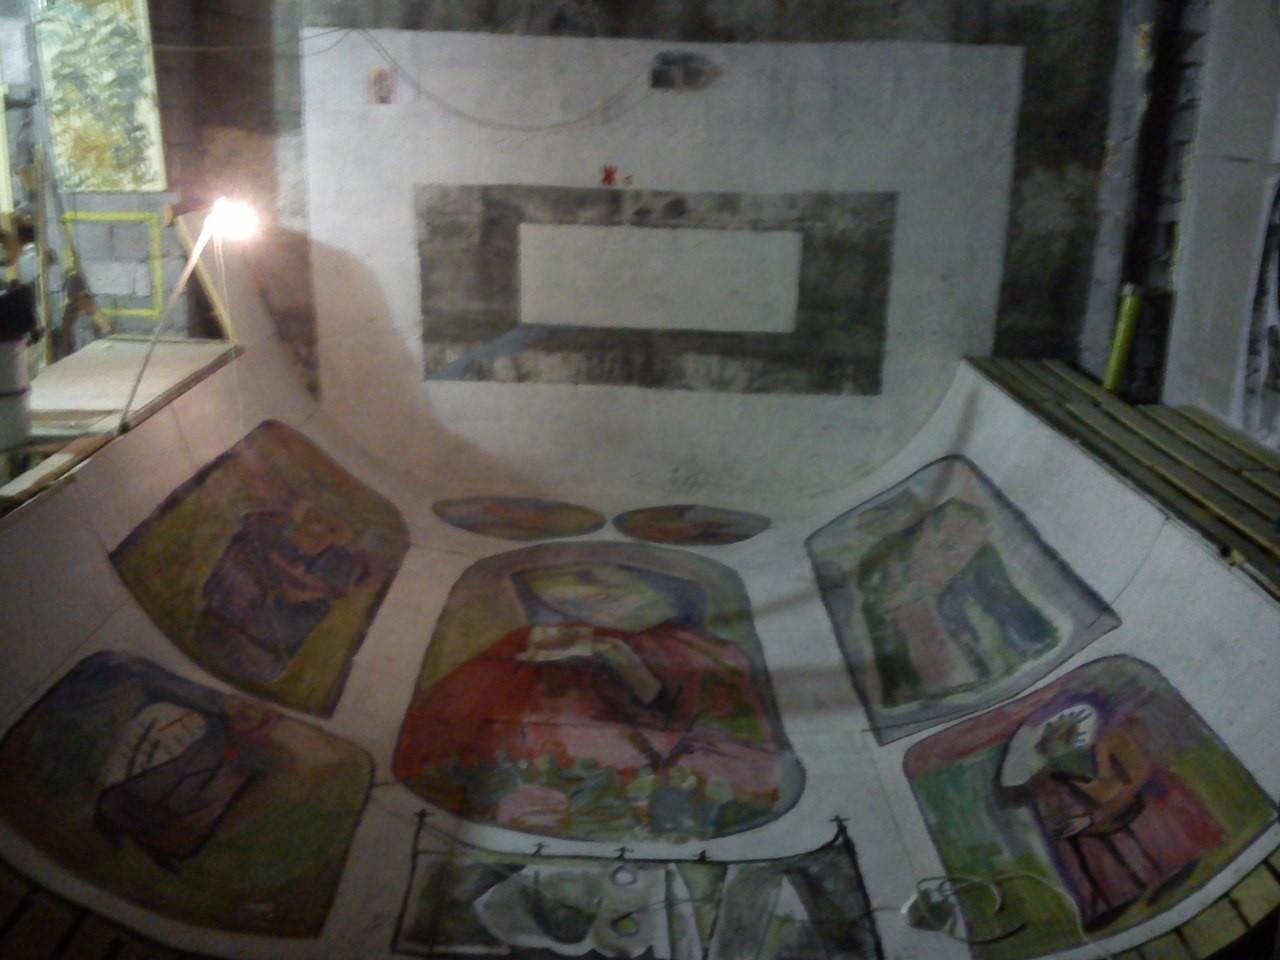 Рампа для скейтбординга в галерее «Кубива», расписанная группой ЖКП